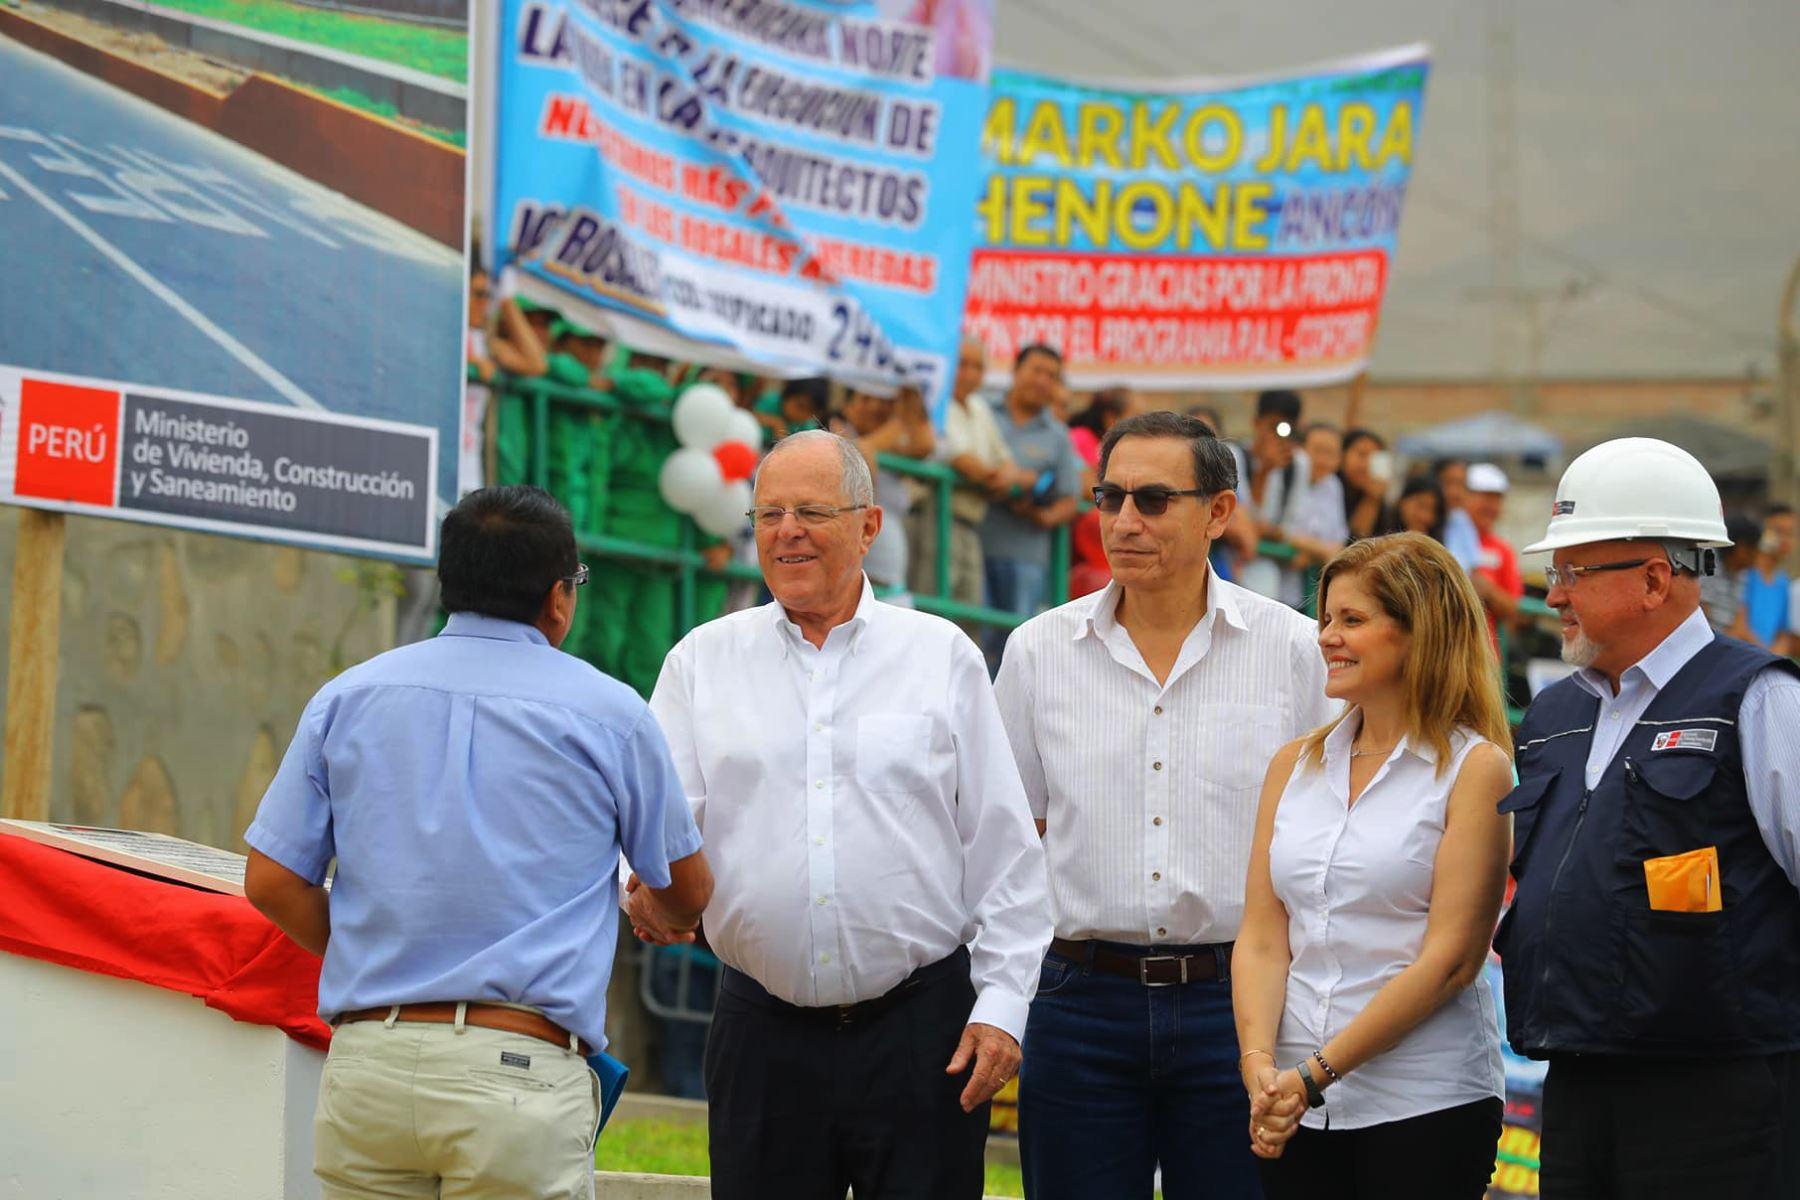 LIMA-PERÚ-FEBRERO-13. Presidente Pedro Pablo Kuczynski inaugura obras de pistas y veredas en el distrito de Ancón. Foto: ANDINA/Prensa Presidencia